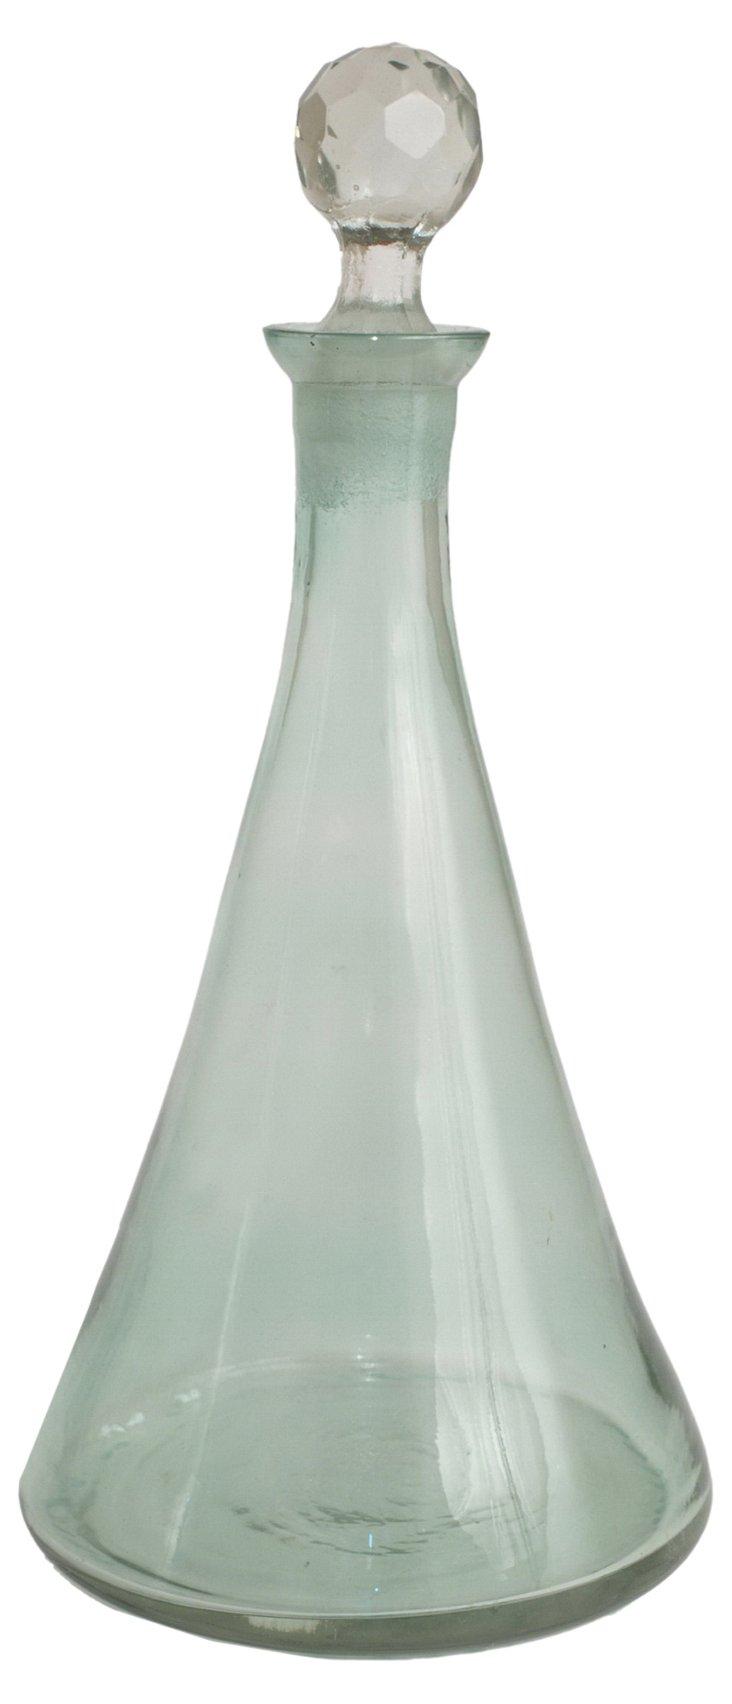 Smoke Flask Bottle w/ Stopper